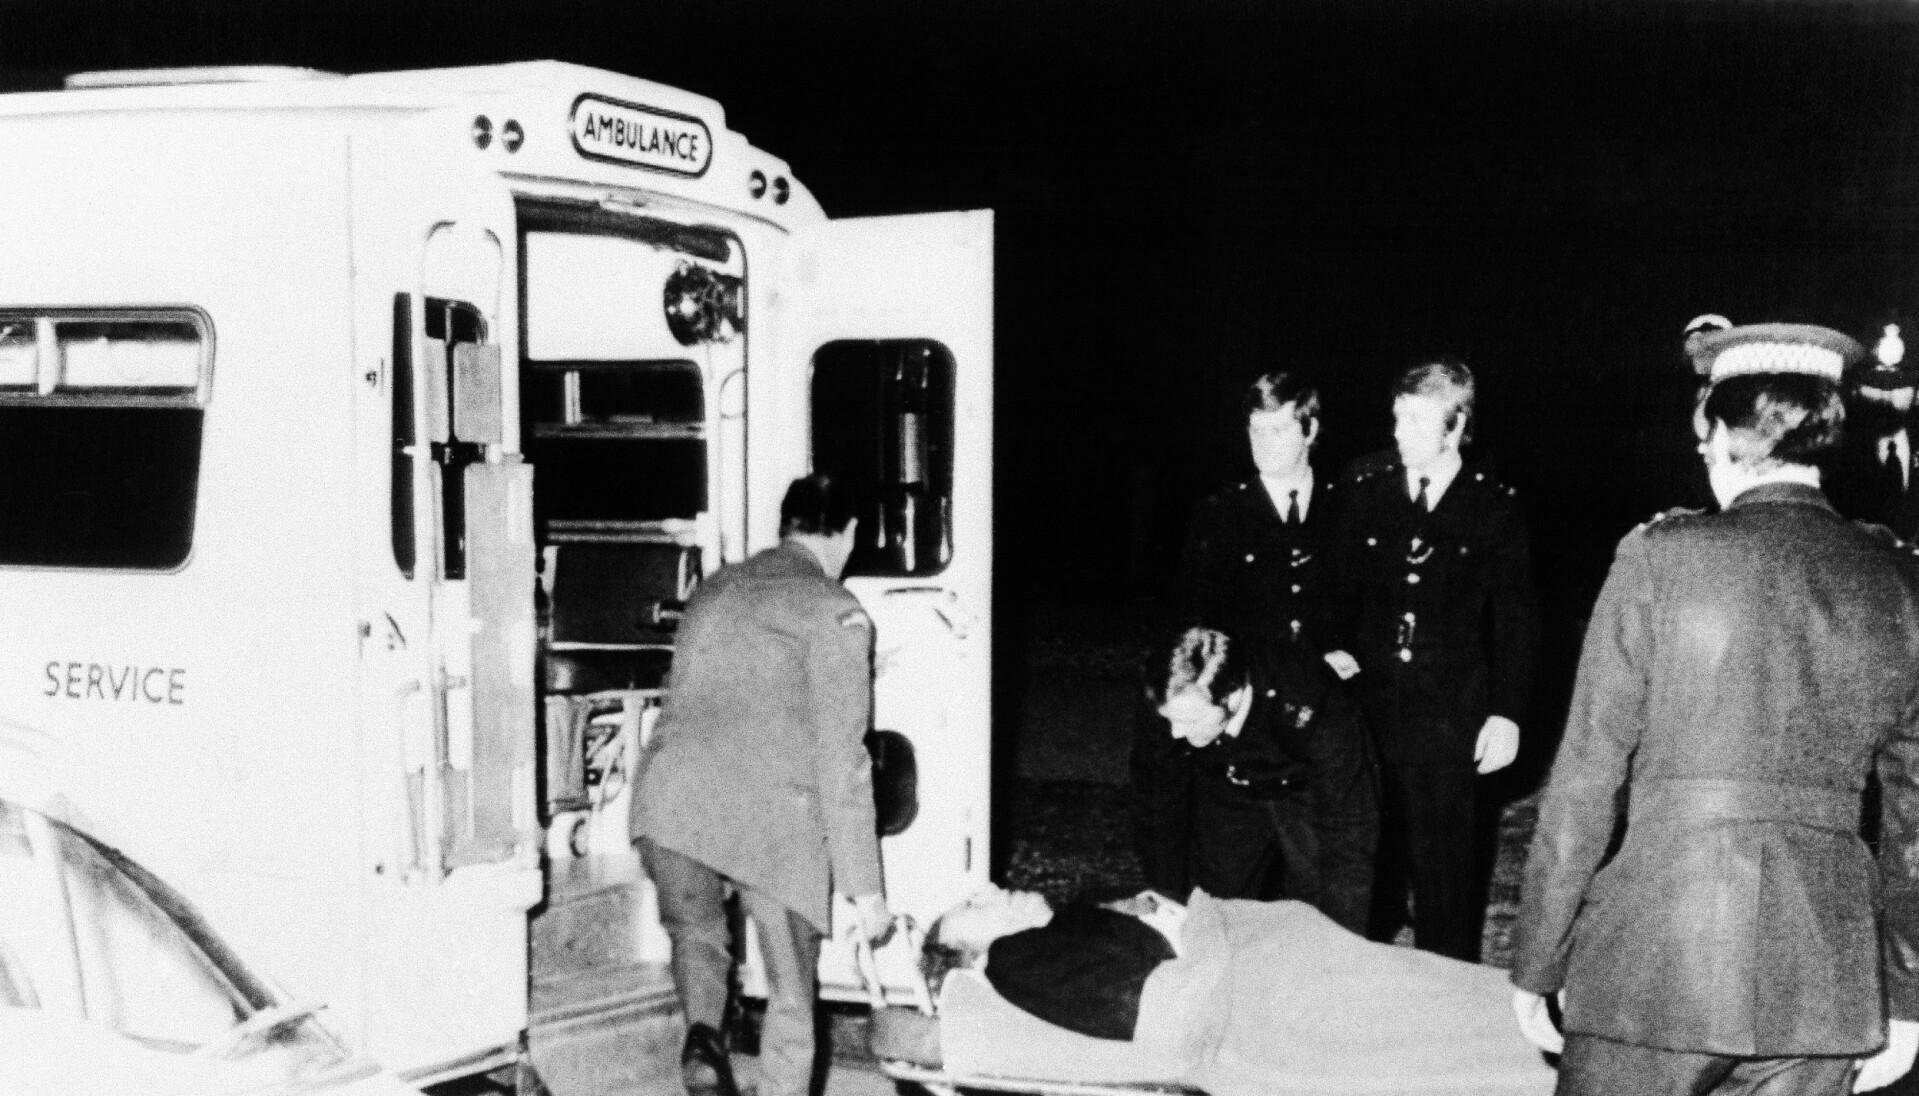 TIL SYKEHUS: Det blodige dramaet endte godt, og de fire som ble skutt overlevde. Her blir en av de skadde ført til sykehus etter hendelsen. Foto: NTB.